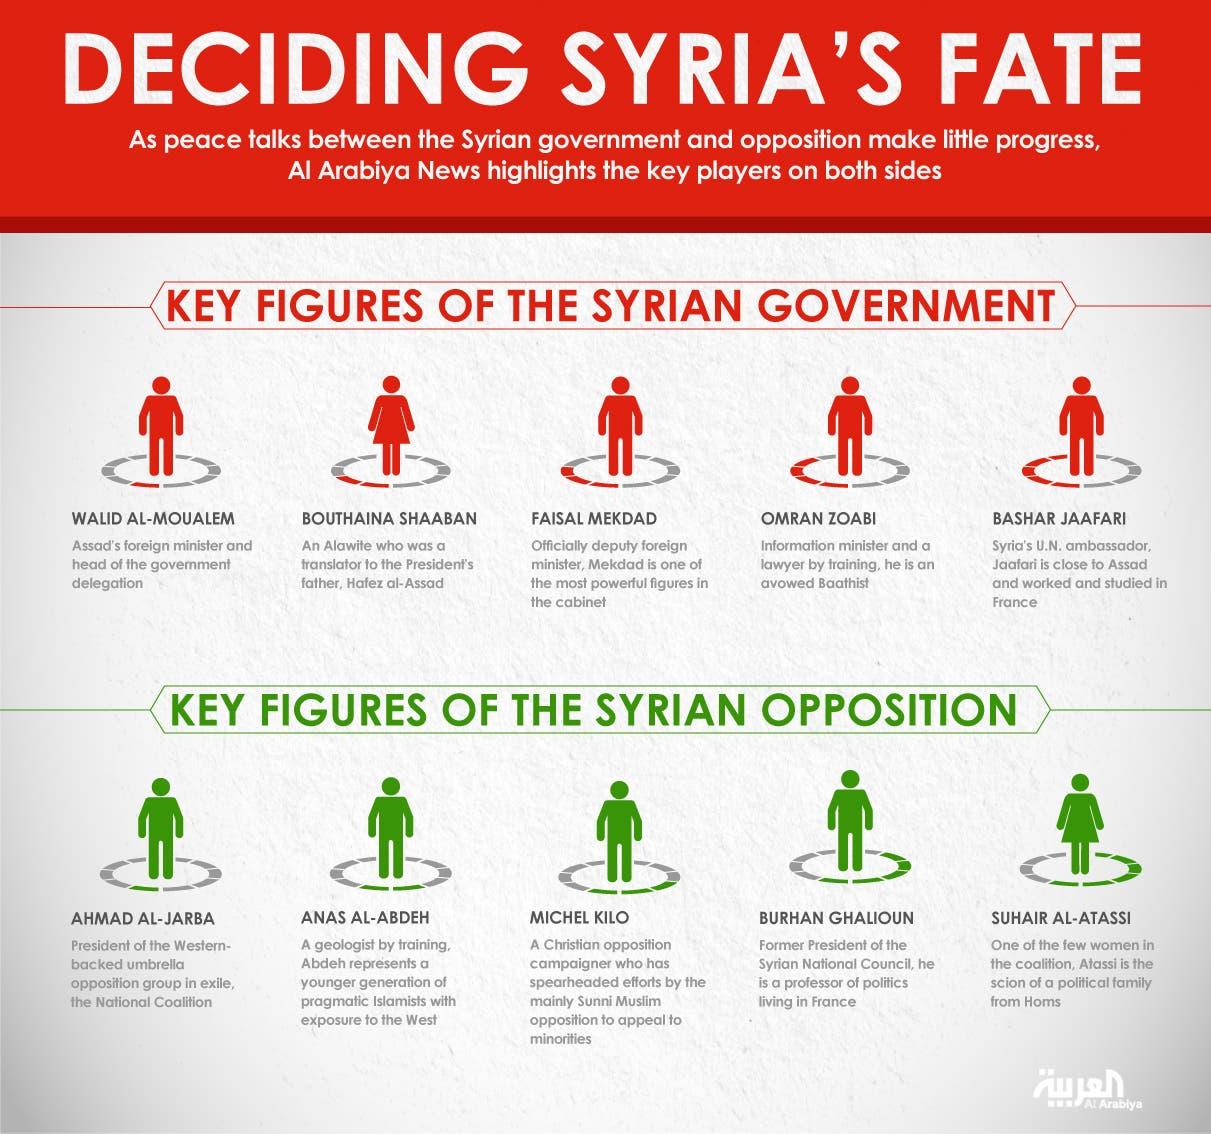 Infographic: Deciding Syria's fate